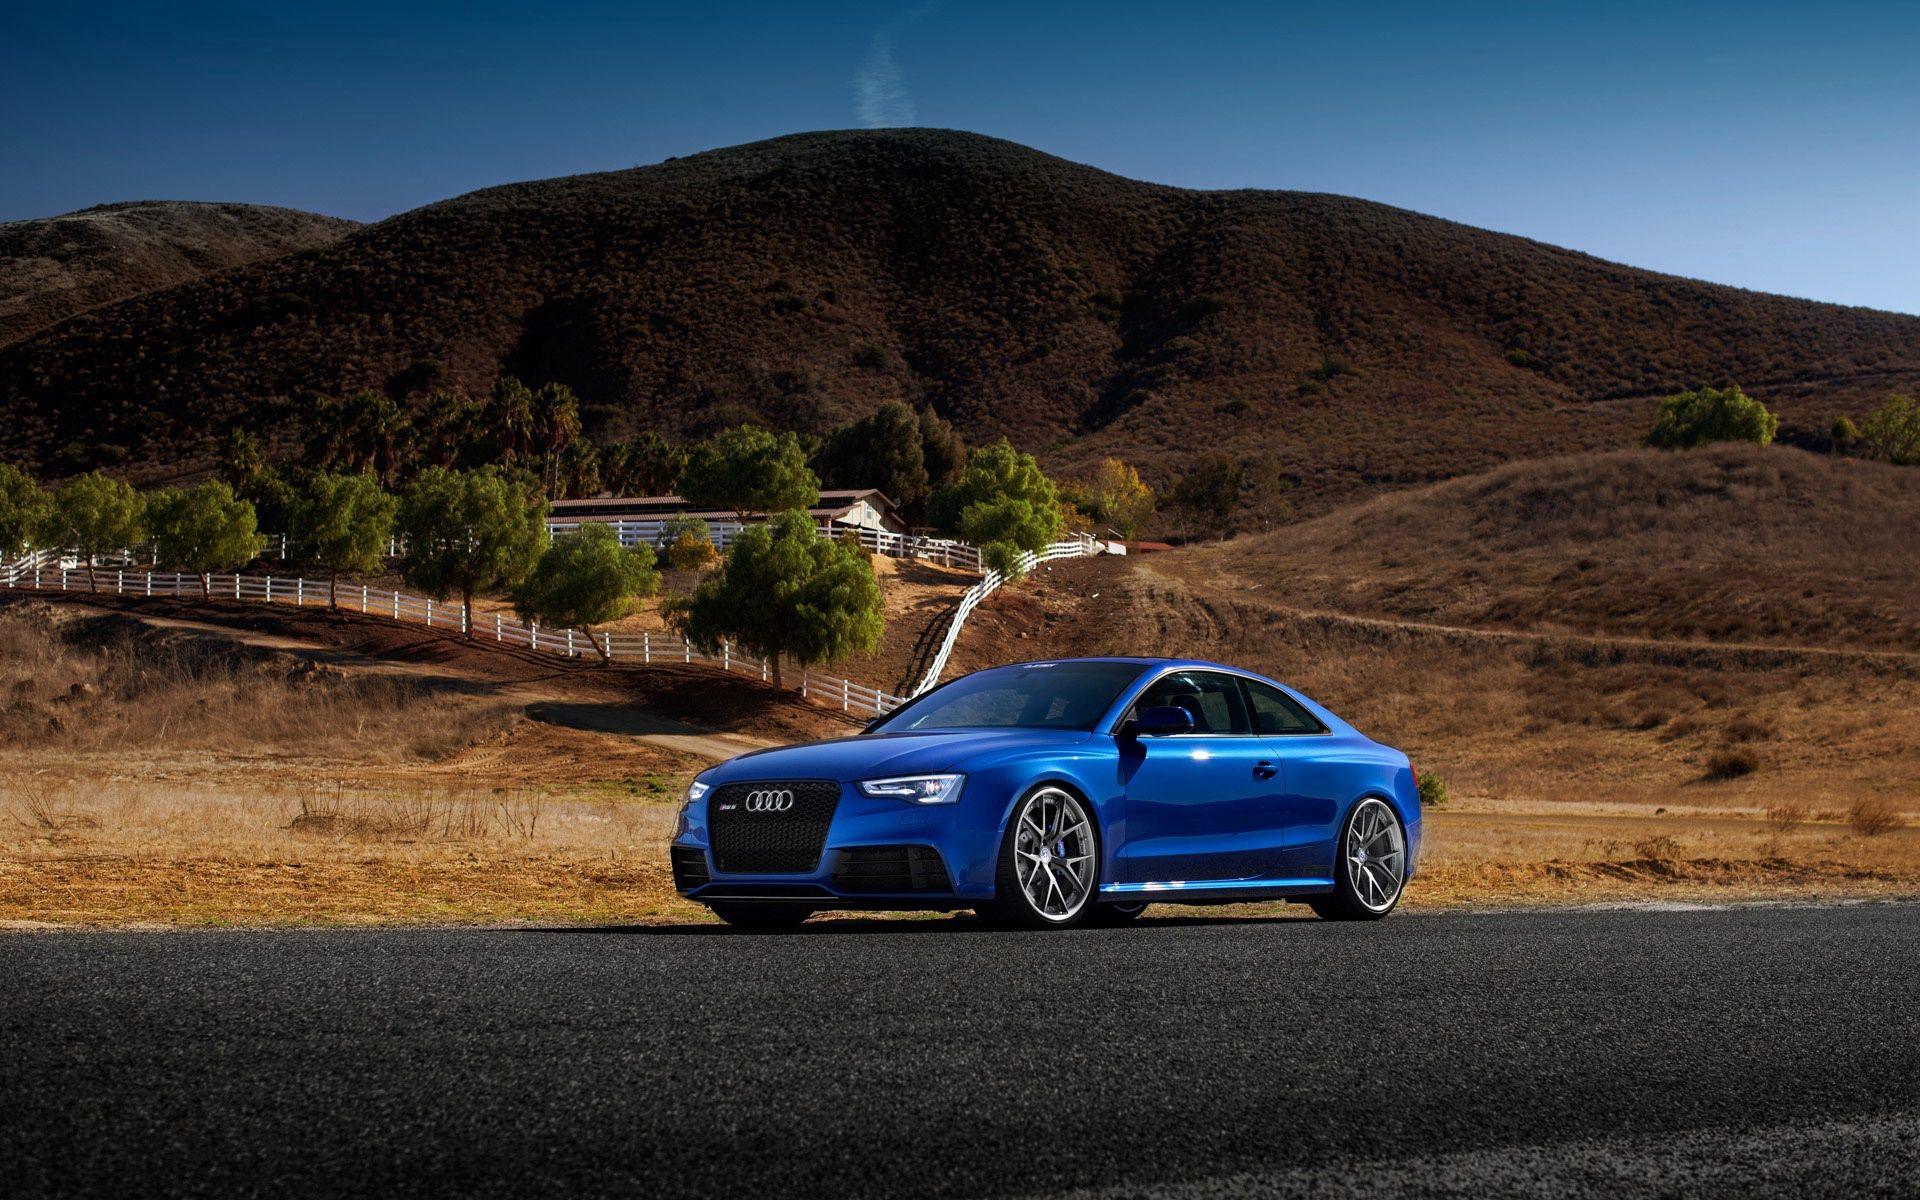 121185 descargar fondo de pantalla Coches, Audi, Rs5, Vista Lateral, Perfil: protectores de pantalla e imágenes gratis